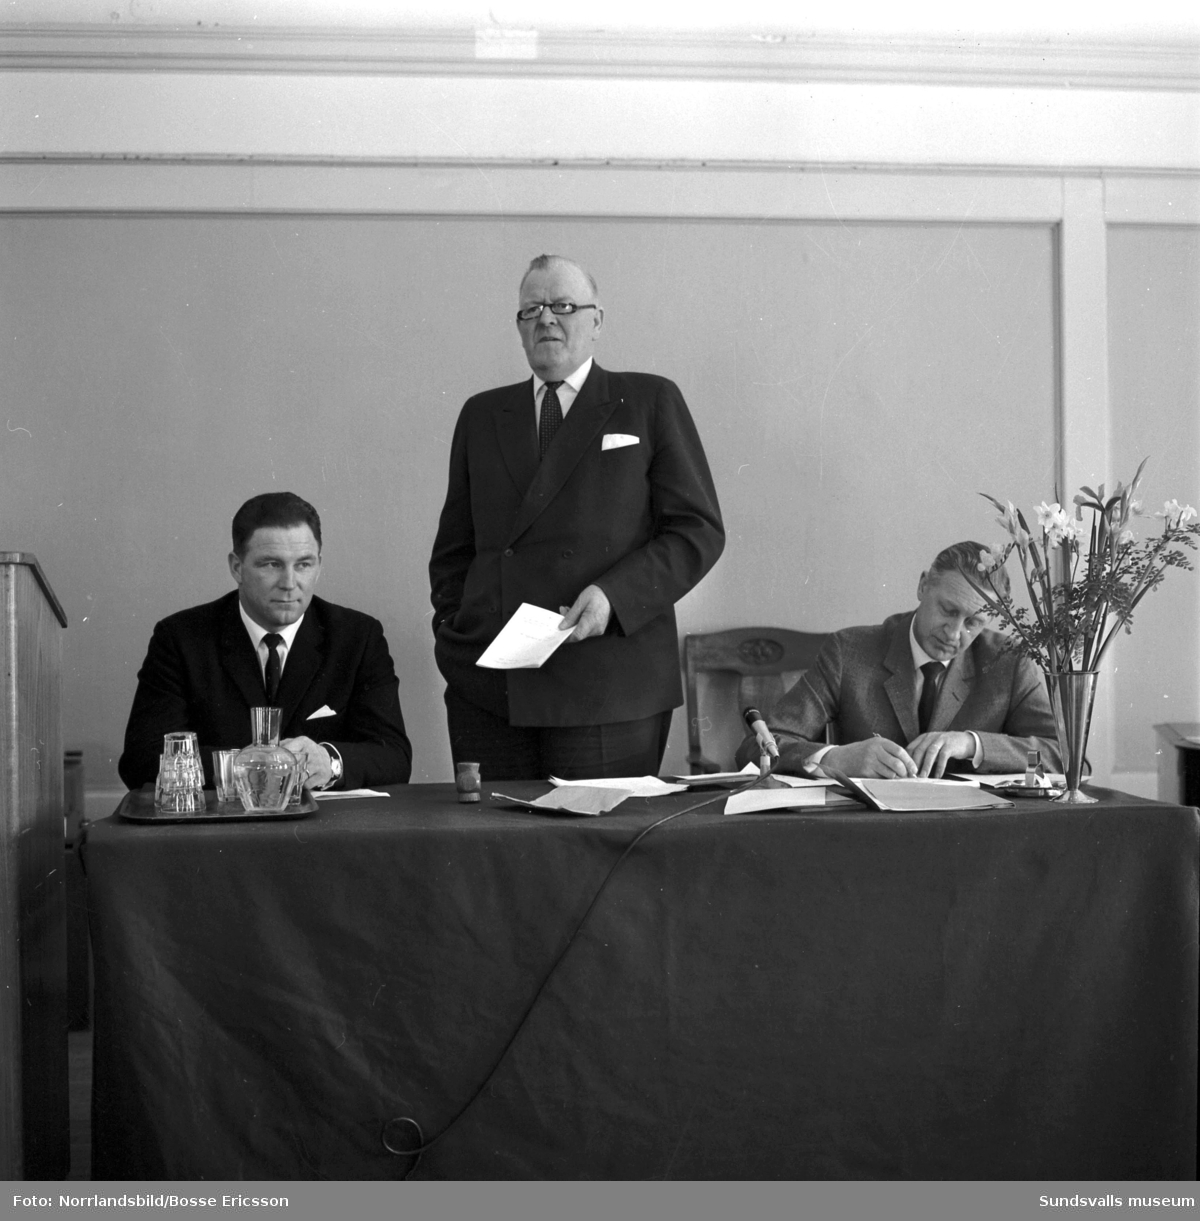 SMC, Sundsvalls Mjölkcentral, håller årsstämma på W6 1966.